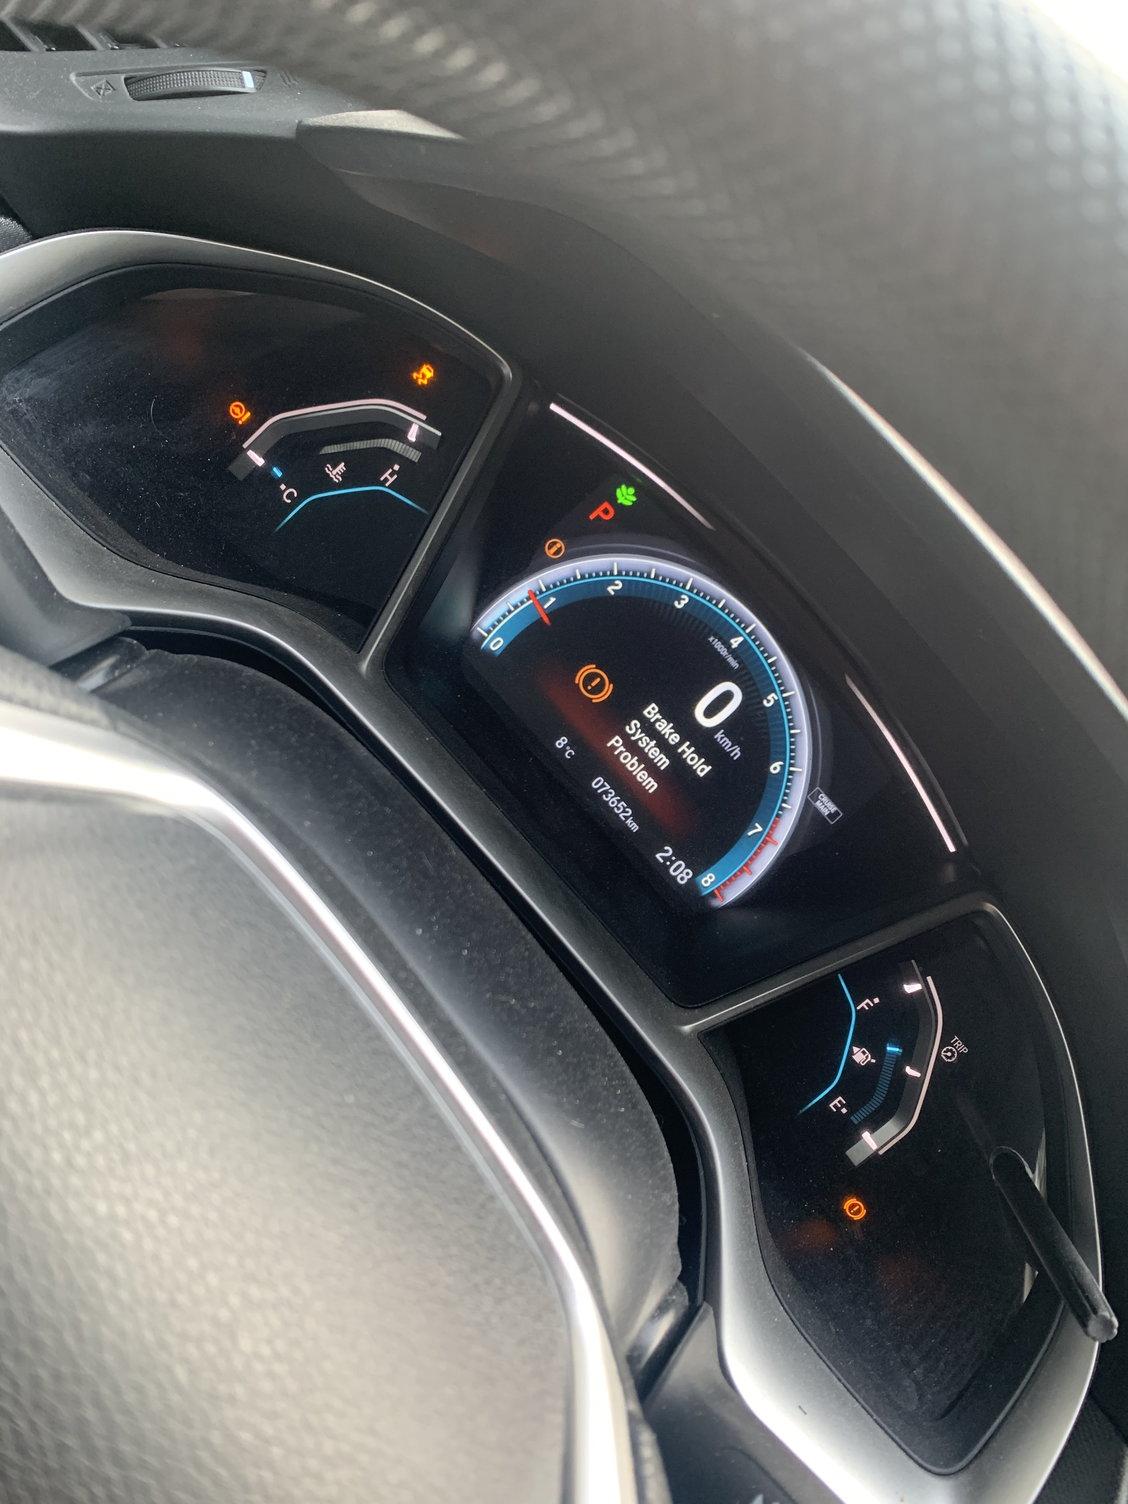 2016 Honda Civic Dashboard : honda, civic, dashboard, Solution;, Honda, Civic;, Multiple, Warnings, Dash., Assist, Civic, Forum